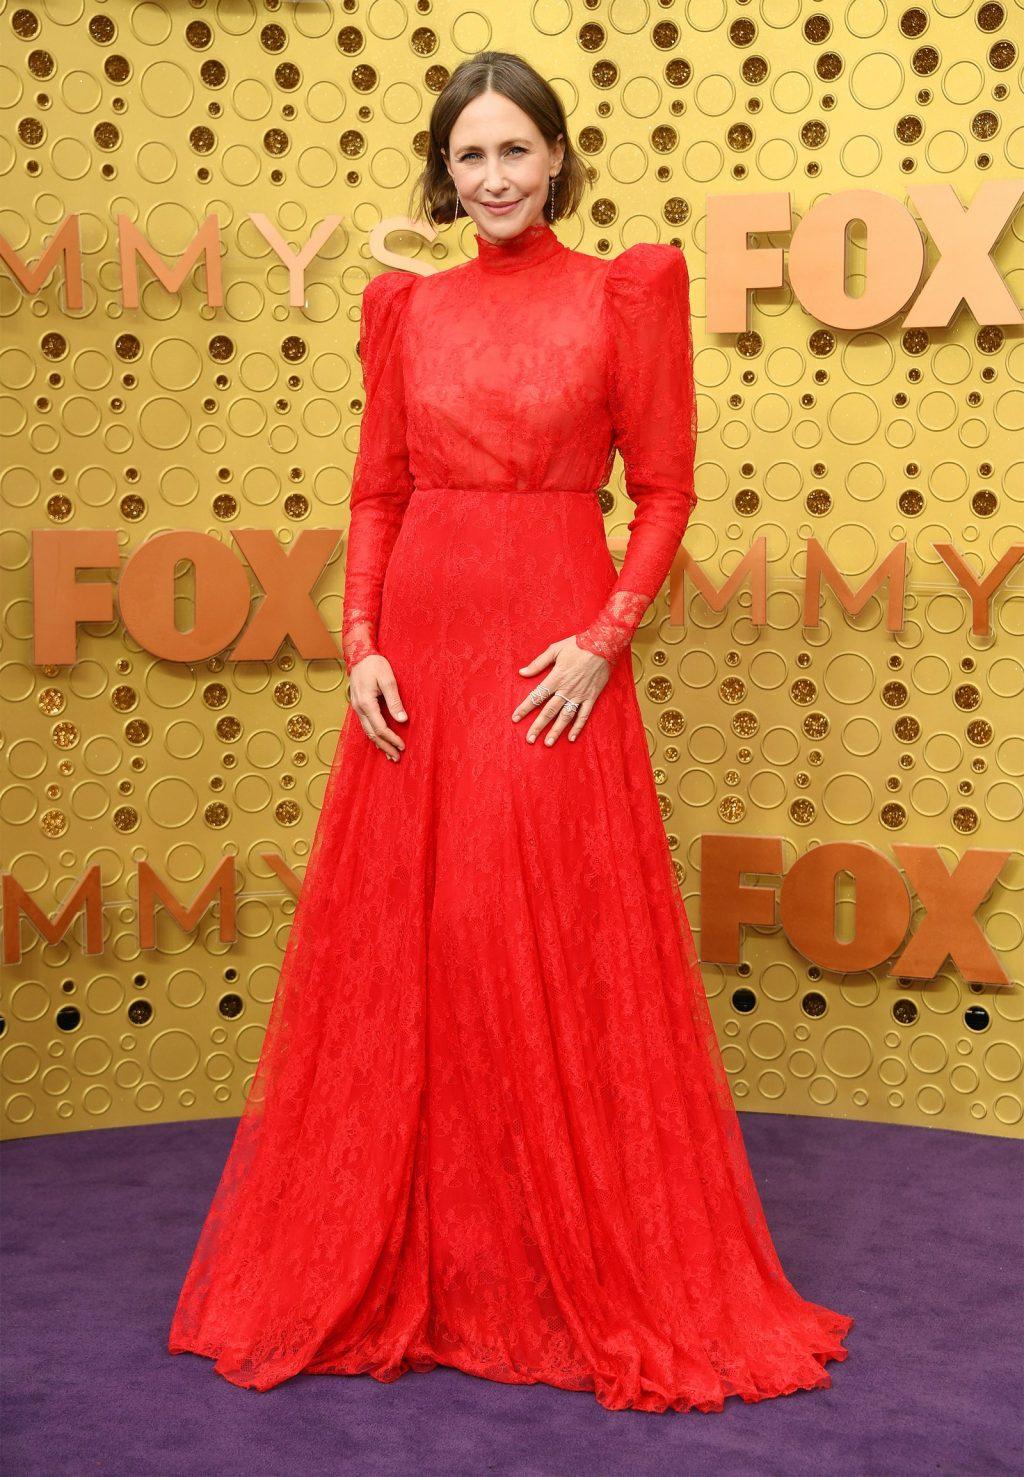 """Nữ diễn viên Vera Farmiga xuất hiện tại lễ trao giải emmy 2019 trong thiết kế màu đỏ nổi bật, """"kín cổng cao tường"""" từ thương hiệu Ryan Roche. Cô chọn giày từ Yves Saint Laurent và trang sức Eva Fehren. (Ảnh: Kevin Mazur)"""